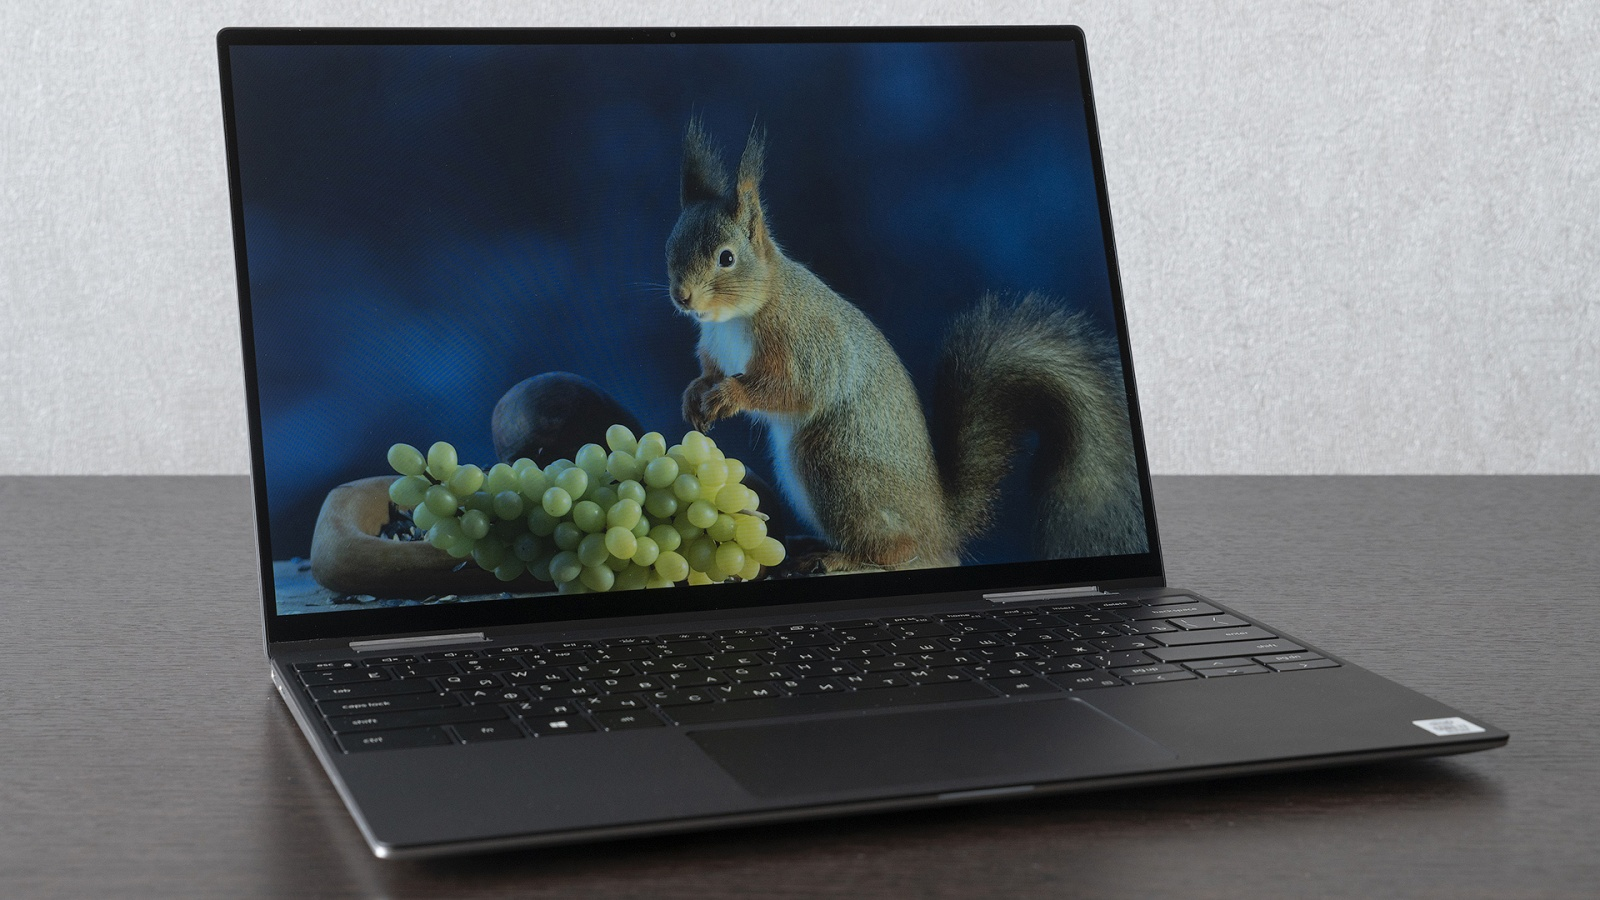 Dell XPS 13 7390 «2 в 1»: лёгкий металлический трансформер с ярким экраном и Intel Ice Lake - 1